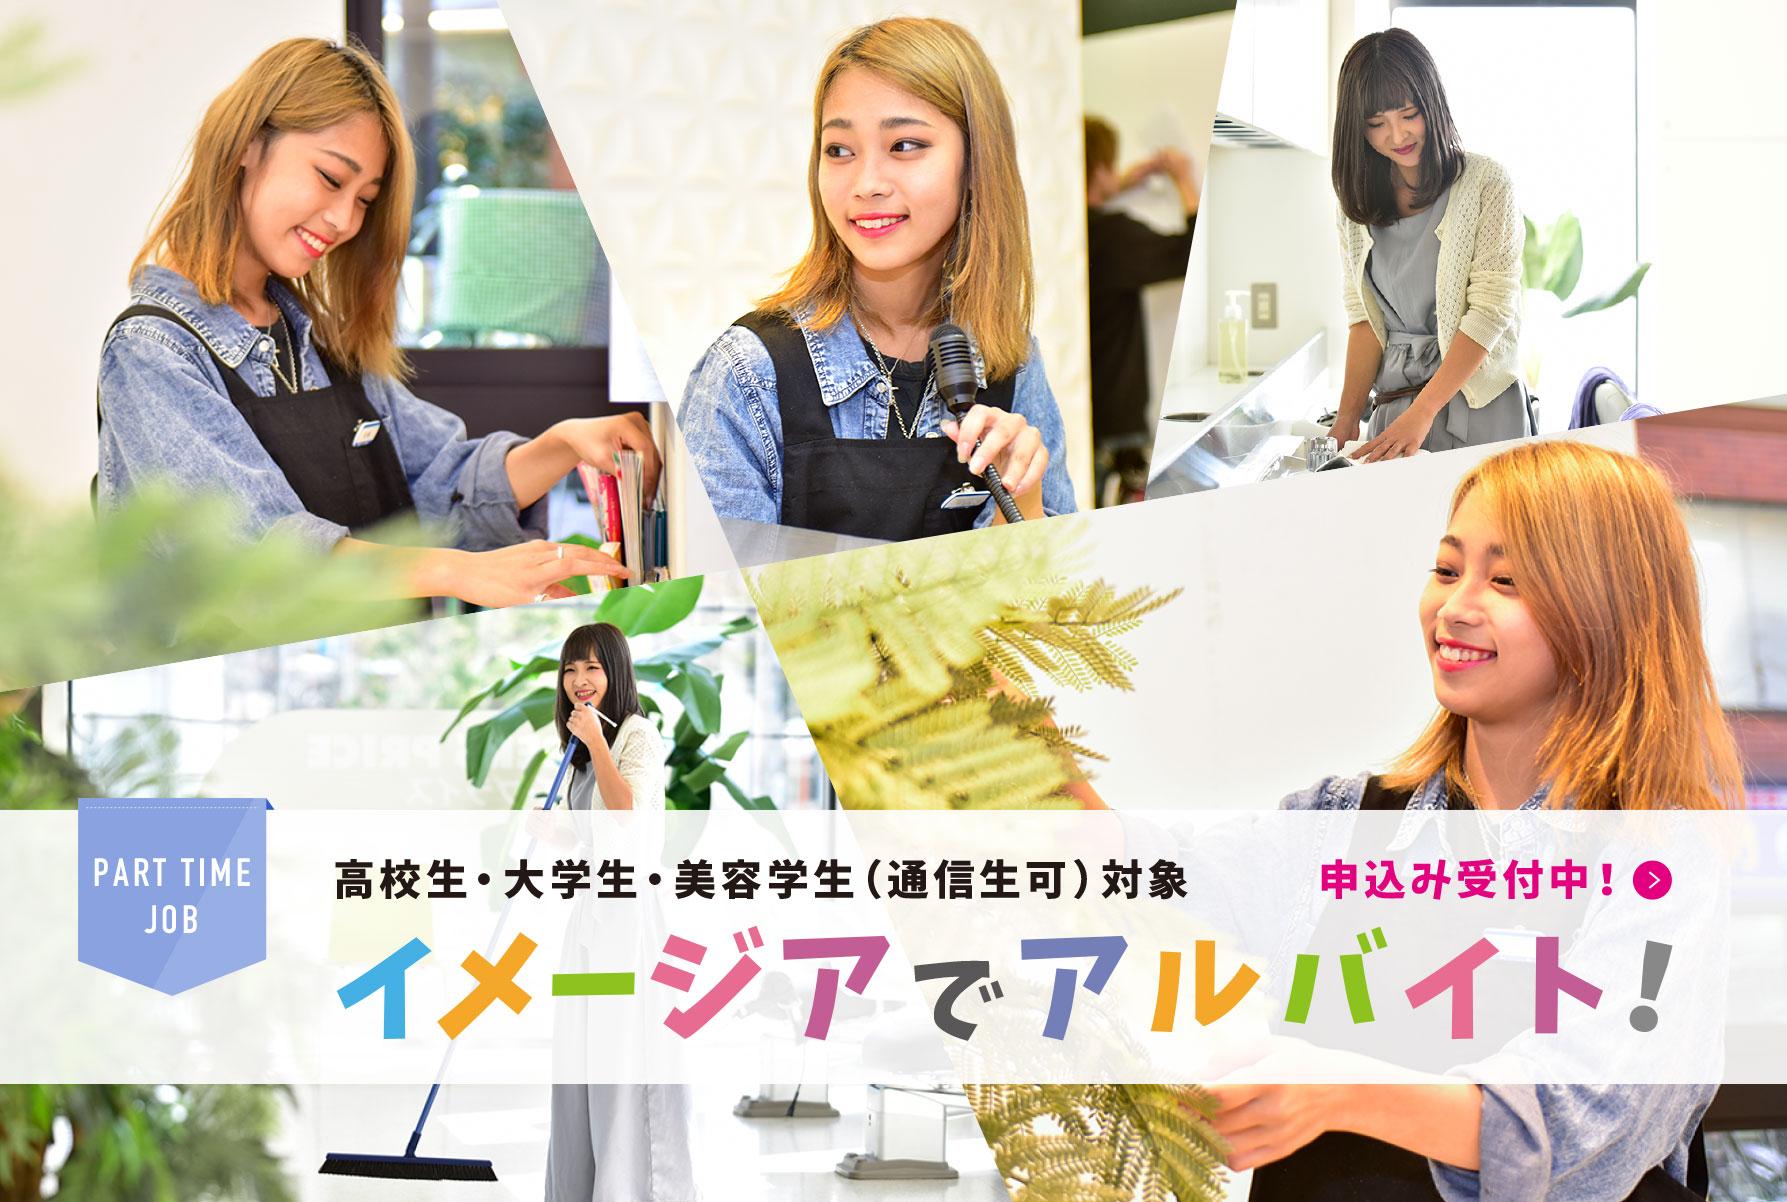 美容室イメージア パート・アルバイト募集中。高校生・大学生・美容学校生(通信生可)対象。